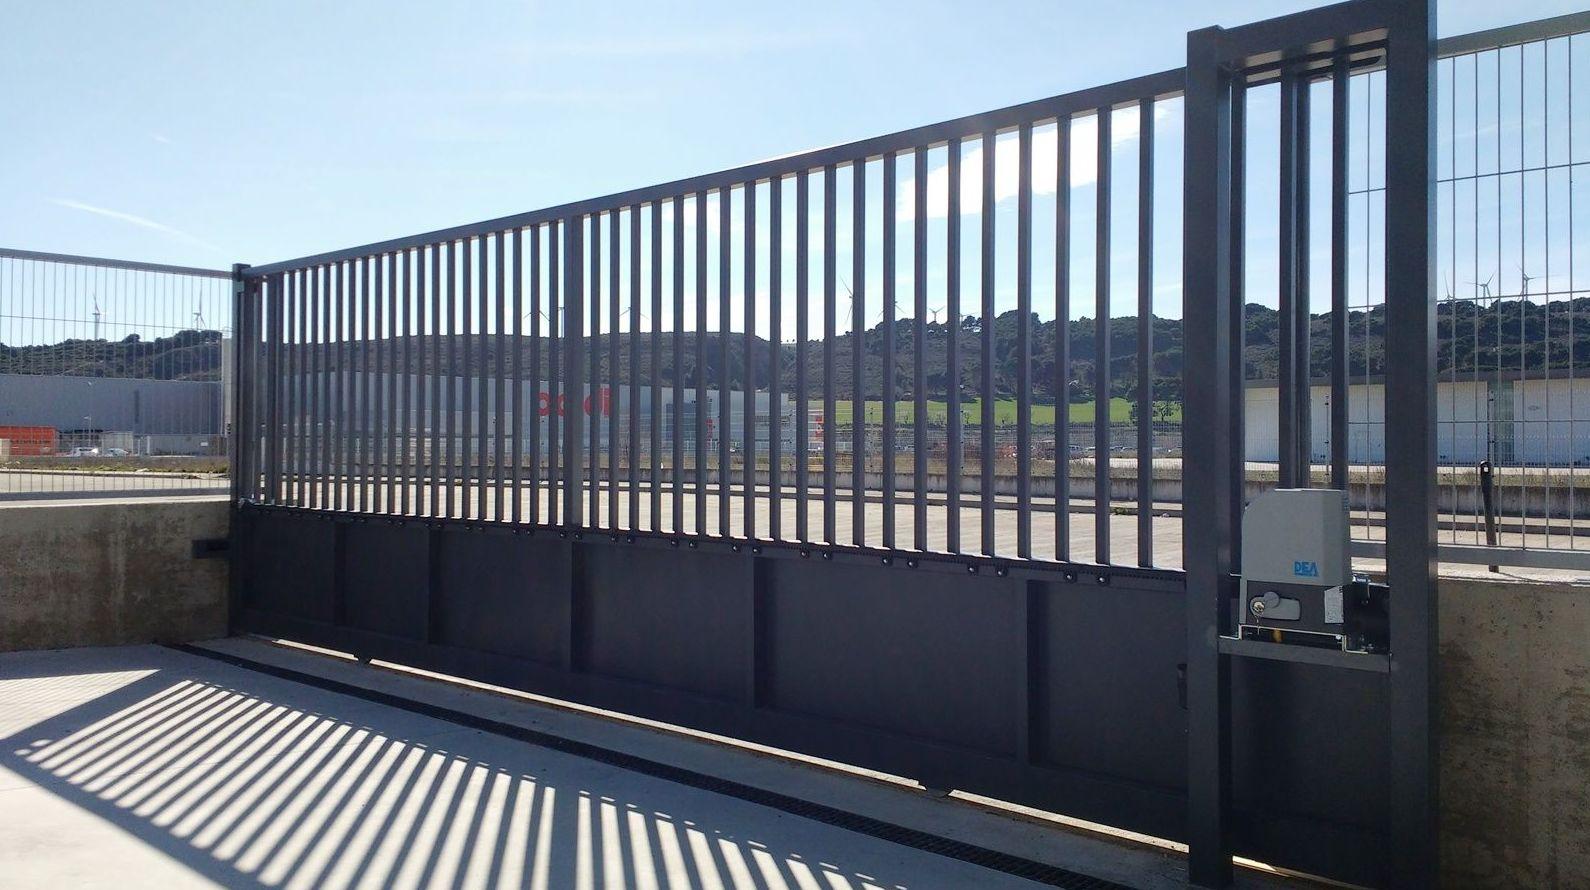 Puertas Metalicas Servicios De Navatek Puertas Automaticas Sl - Puerta-corredera-metalica